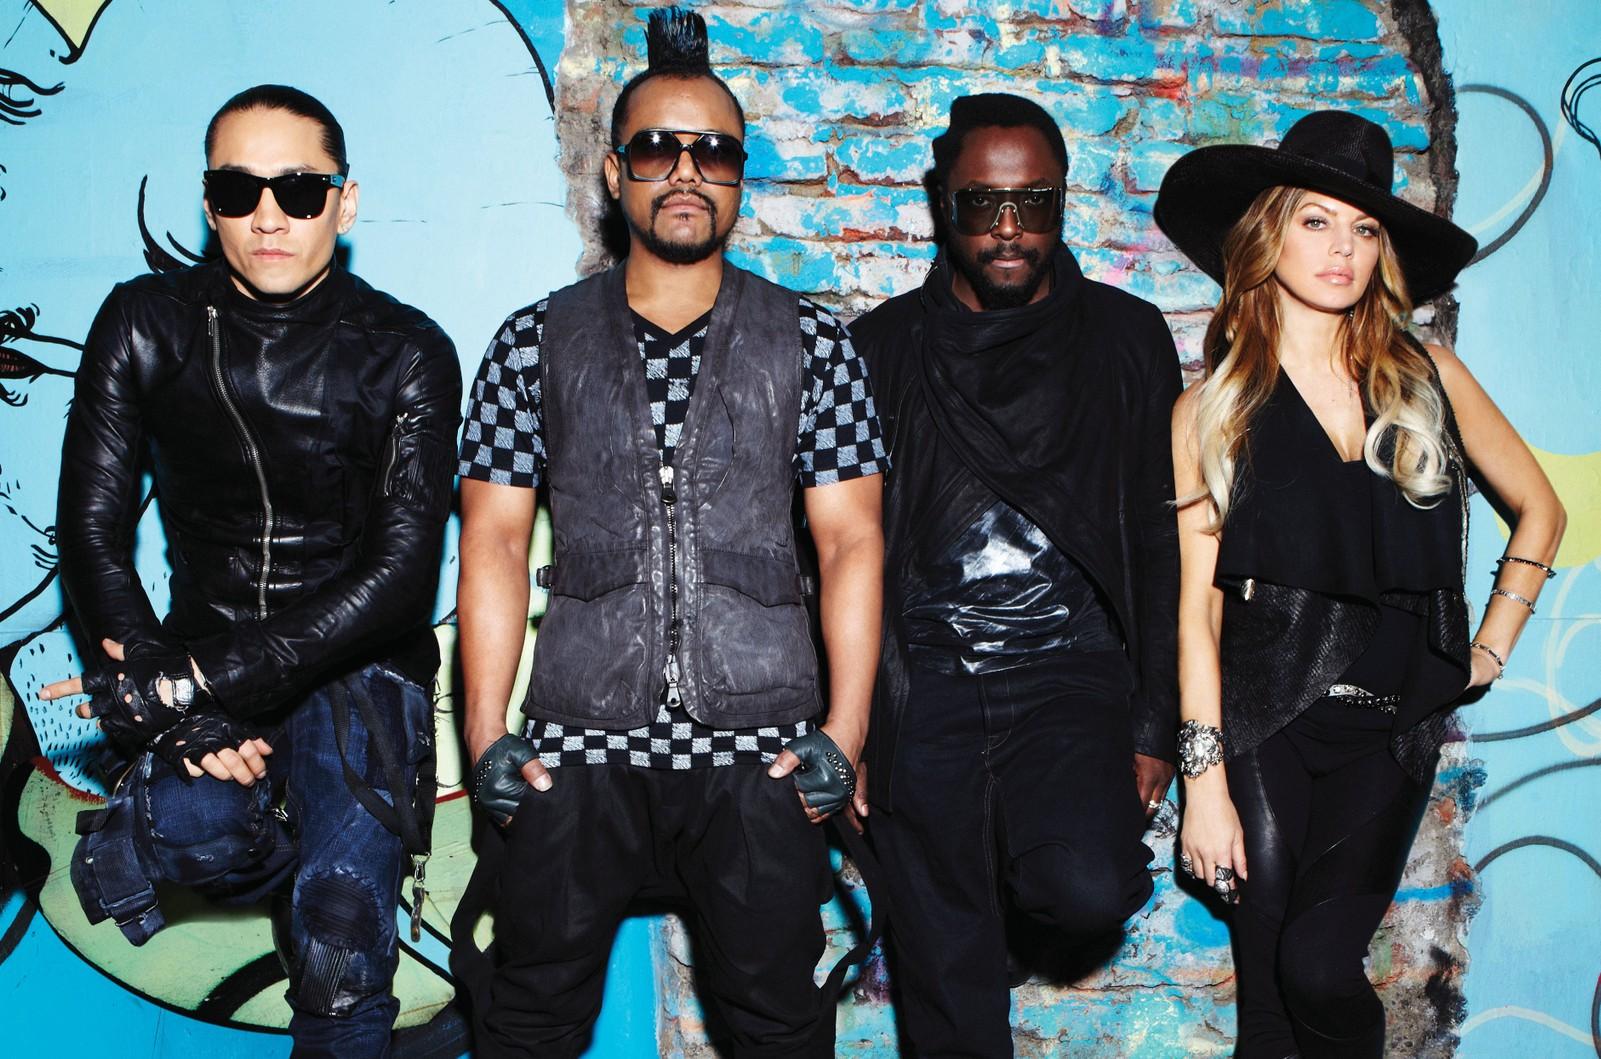 The Black Eyed Peas, 2011.